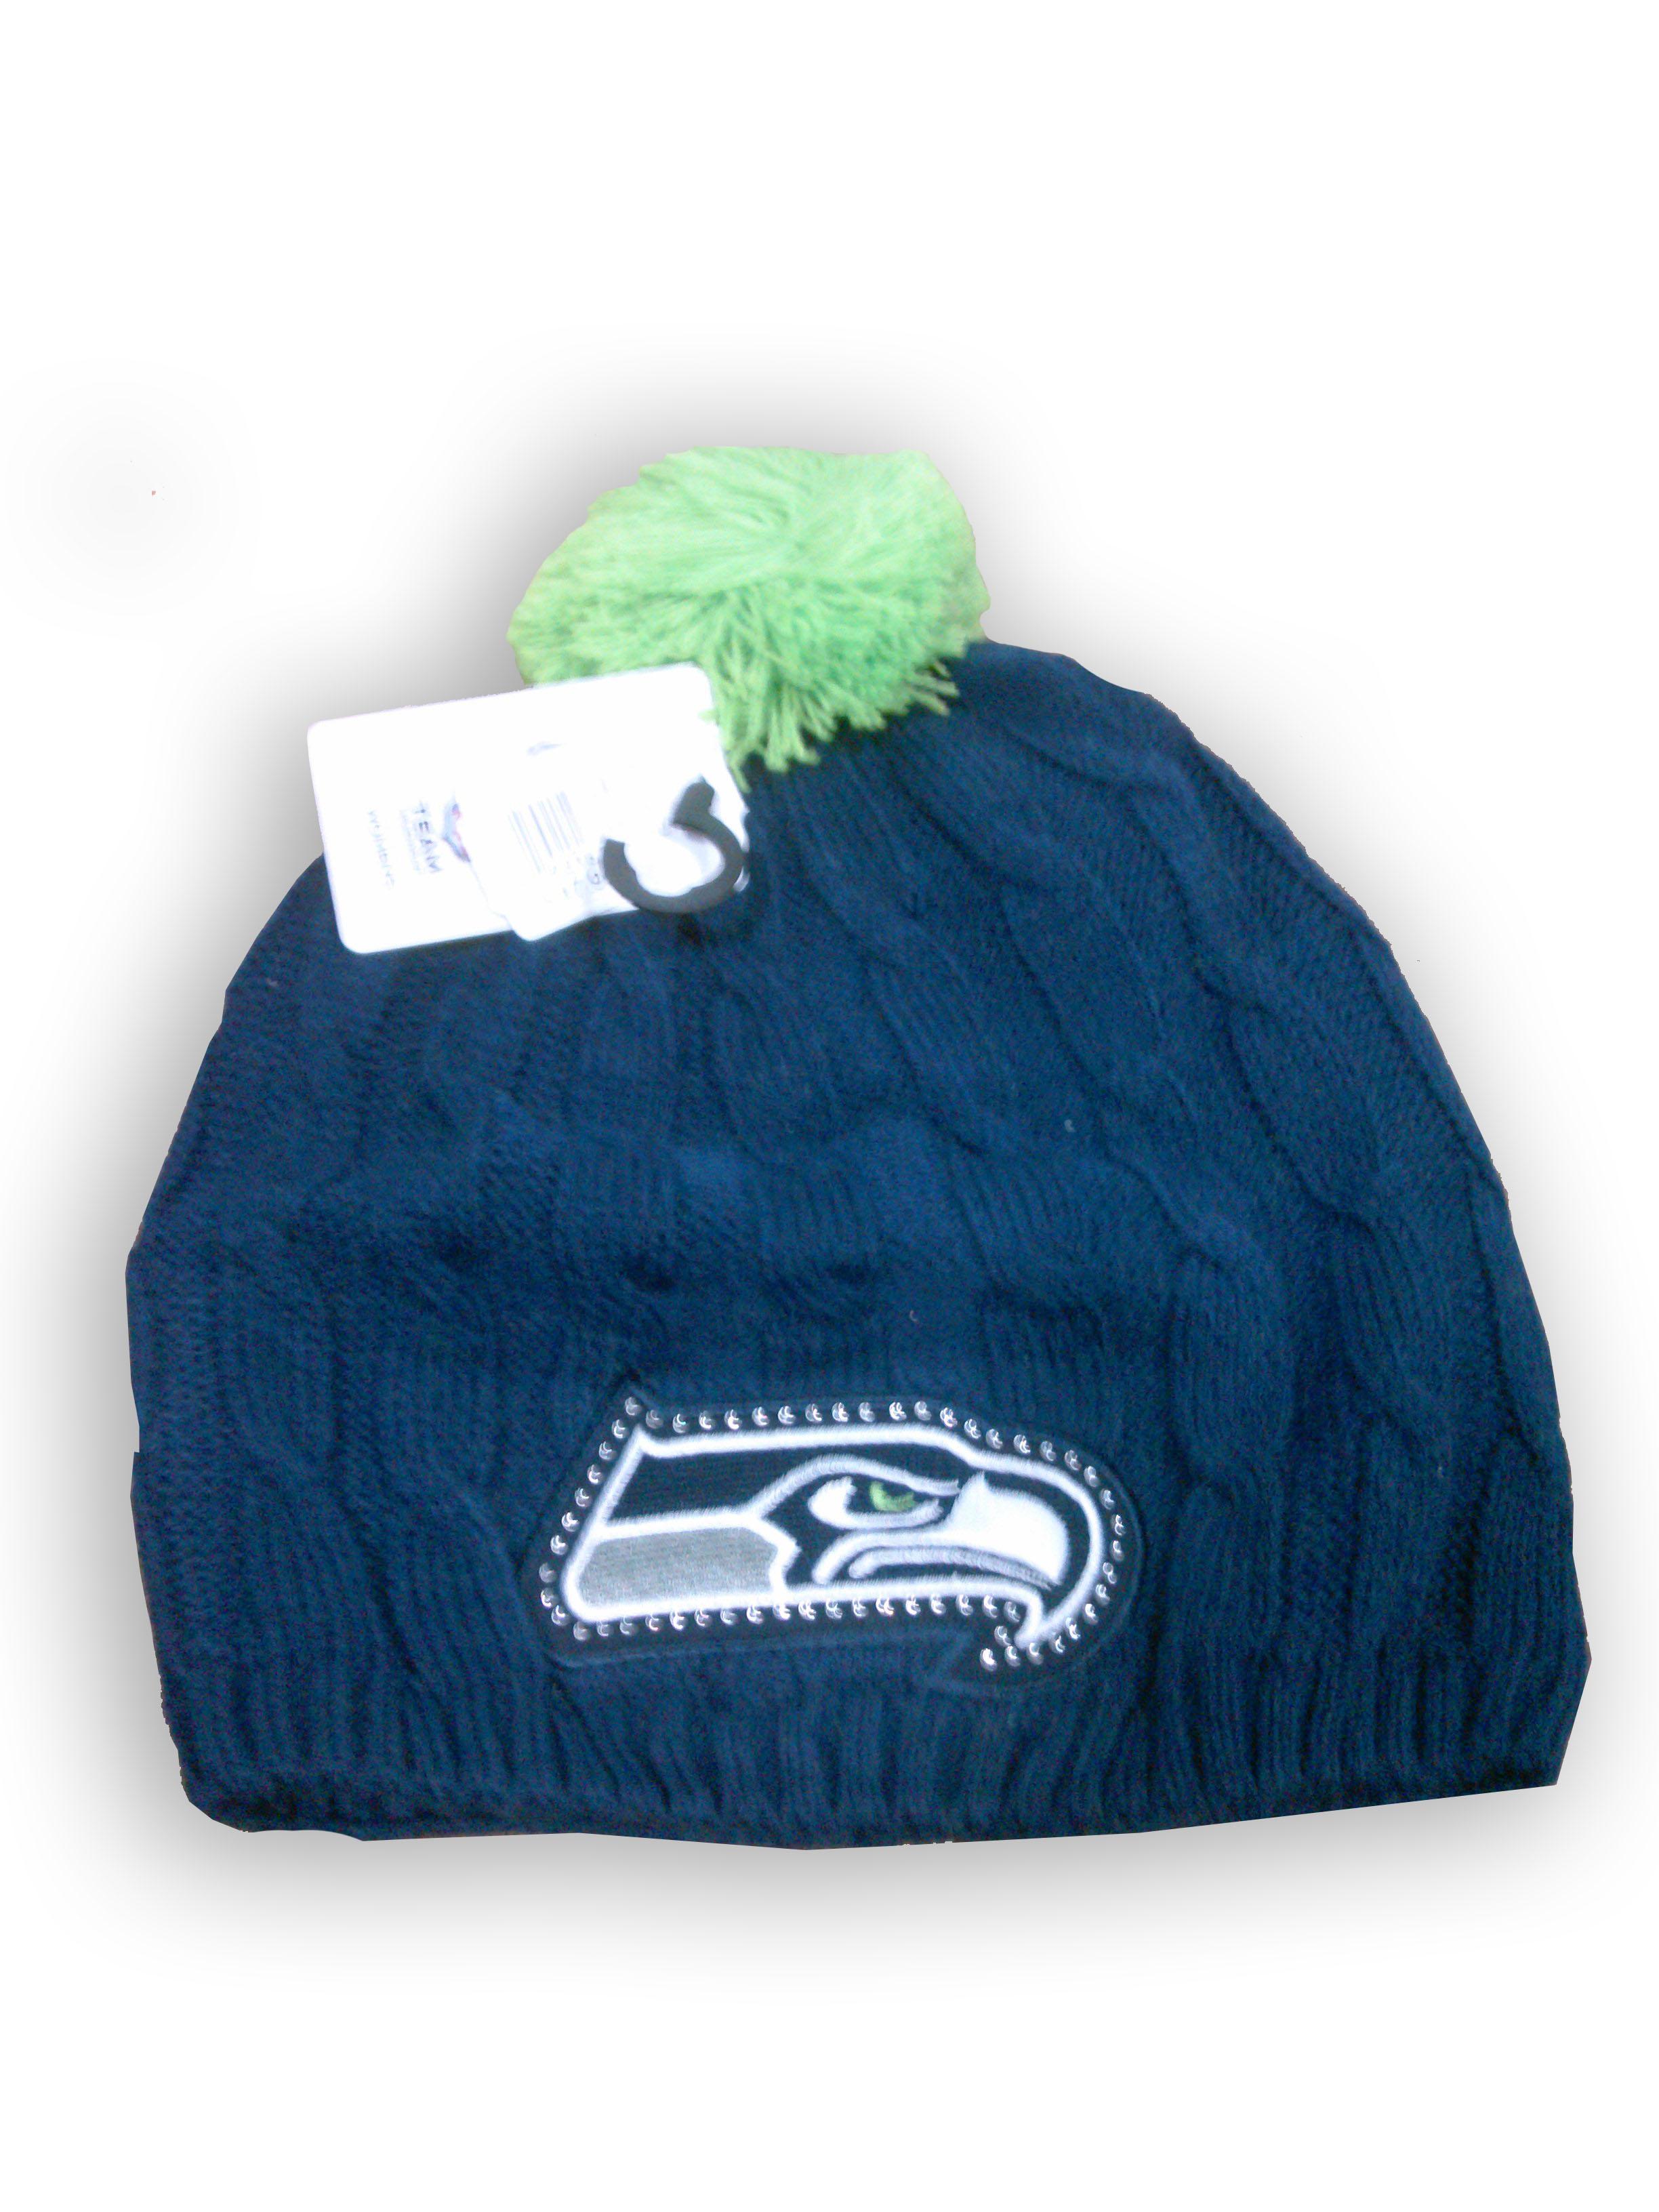 f65f9814ac4 NFL Seattle Seahawks Women s Pom Pom Beanie - Navy Lime Green ...